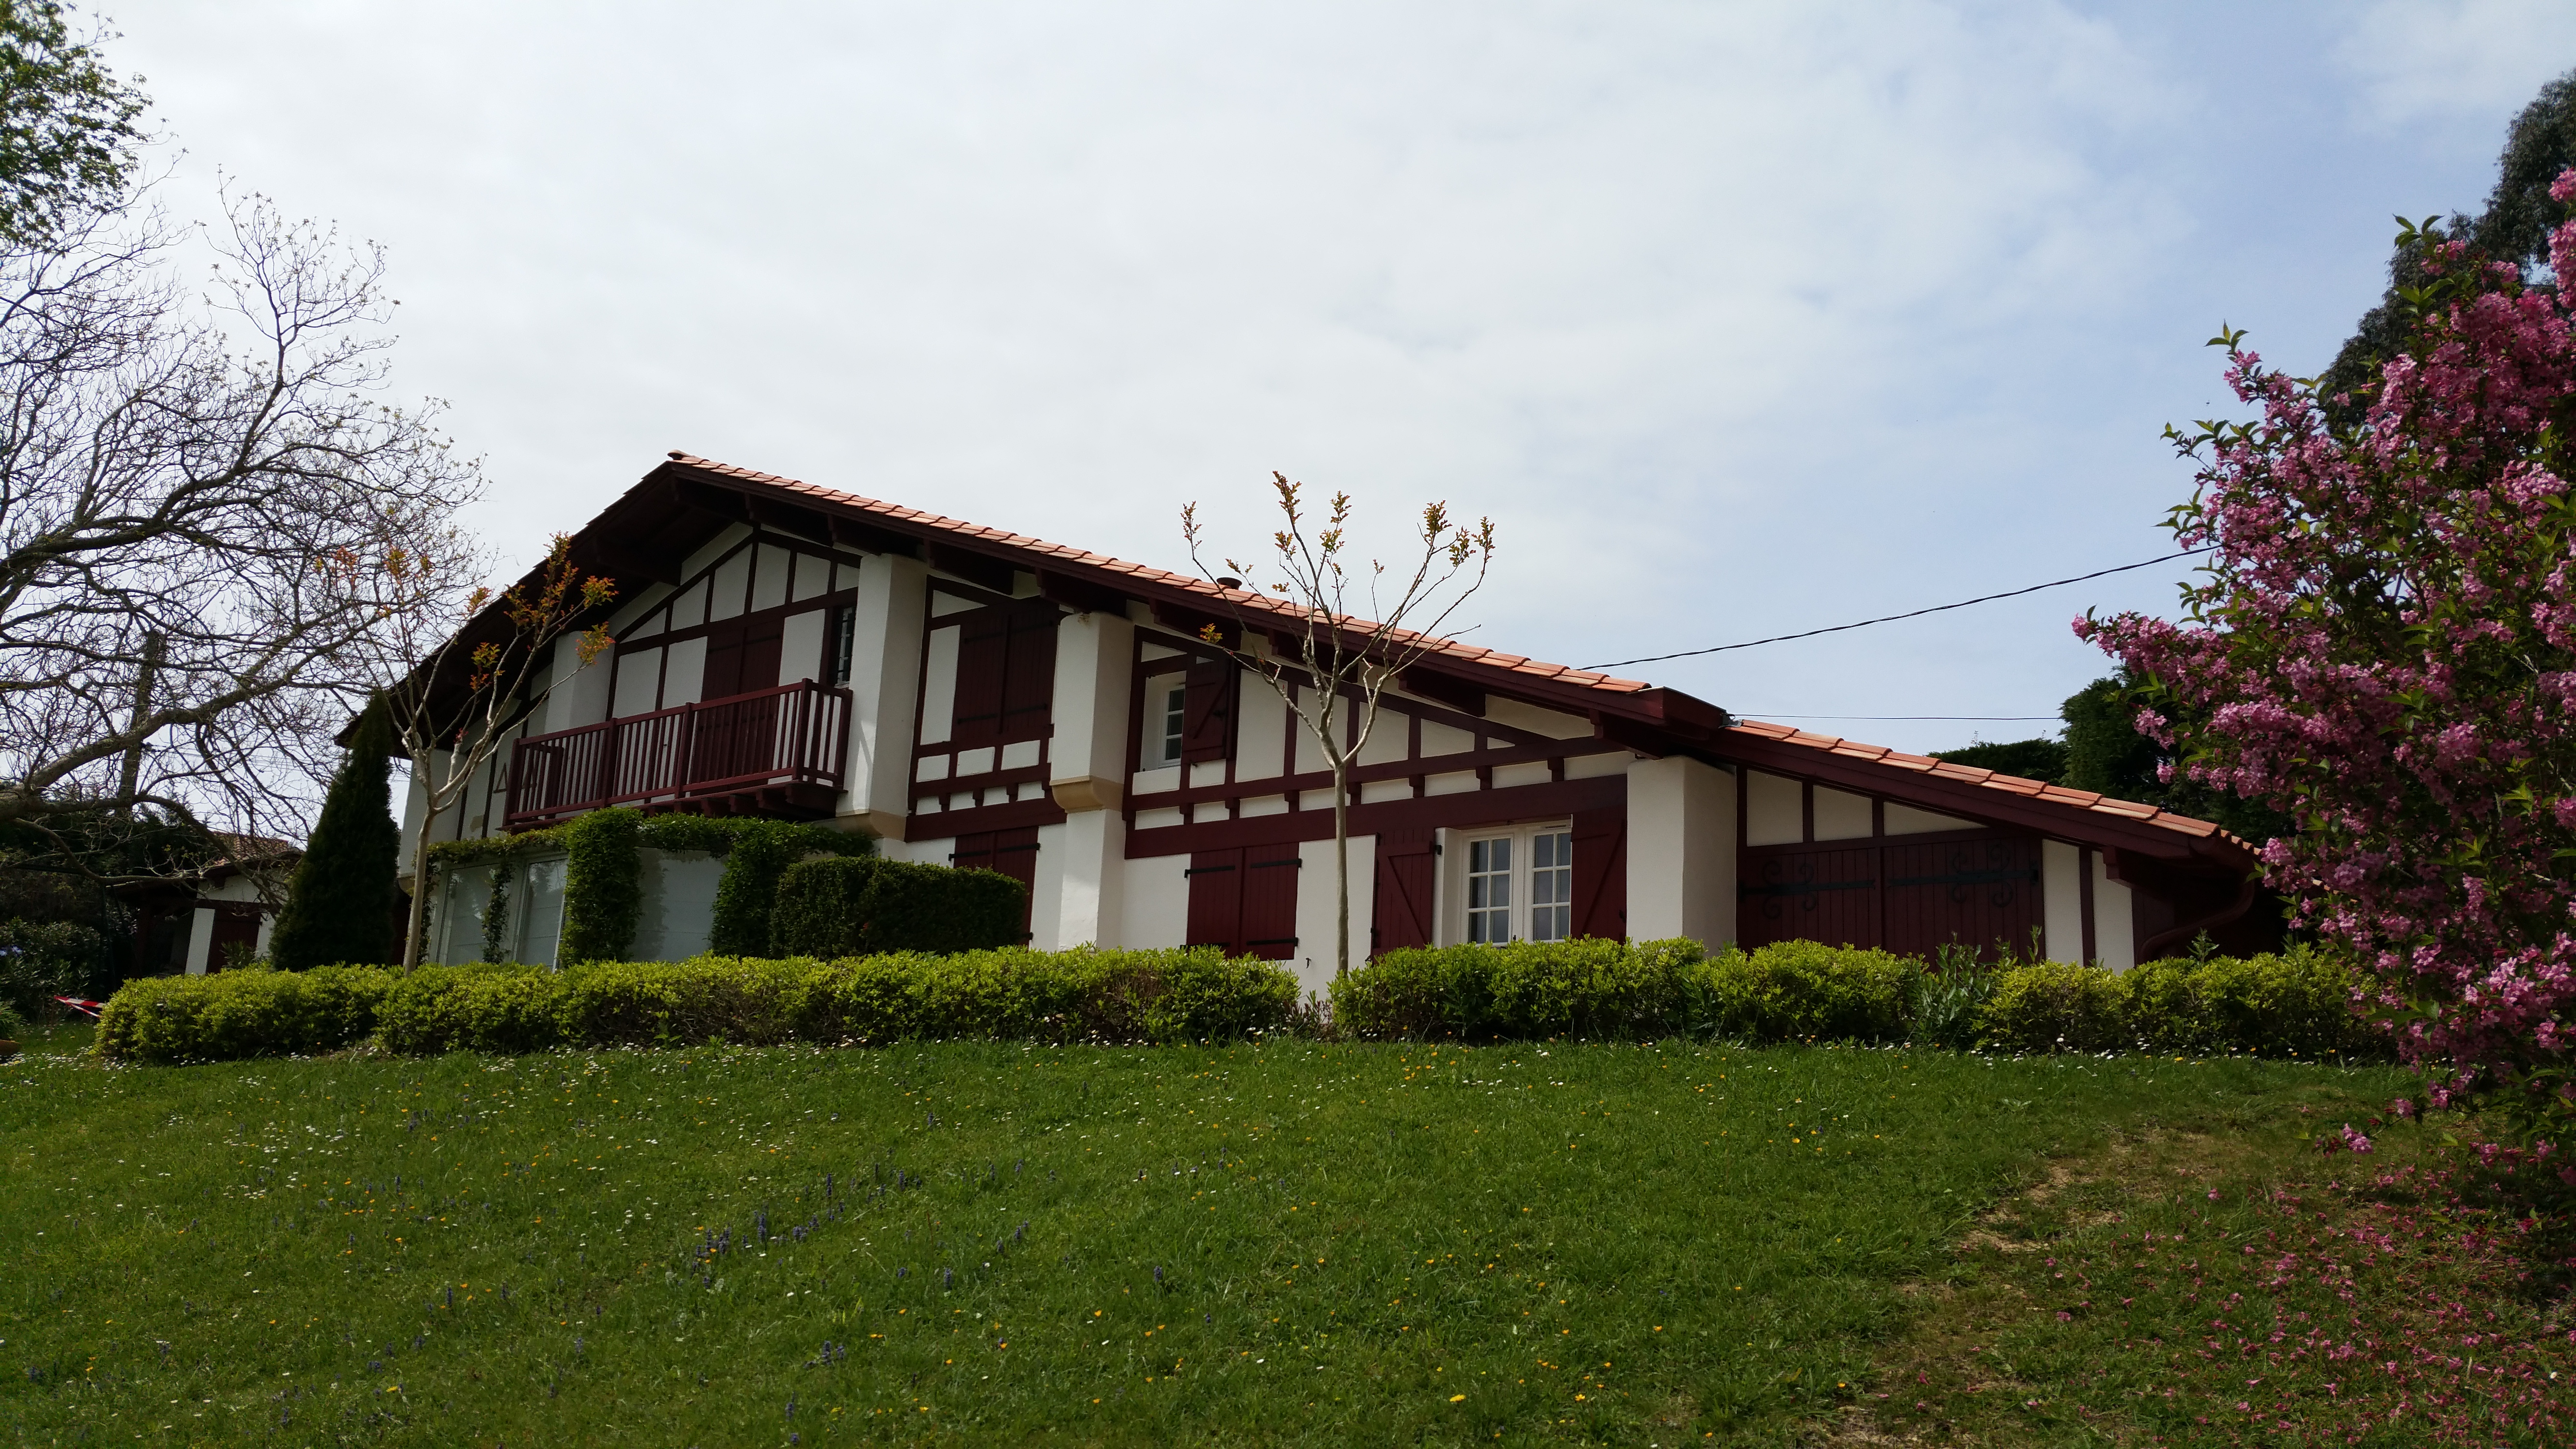 Extension Arbonne Architecte Pays Basque Gwenael Stephan